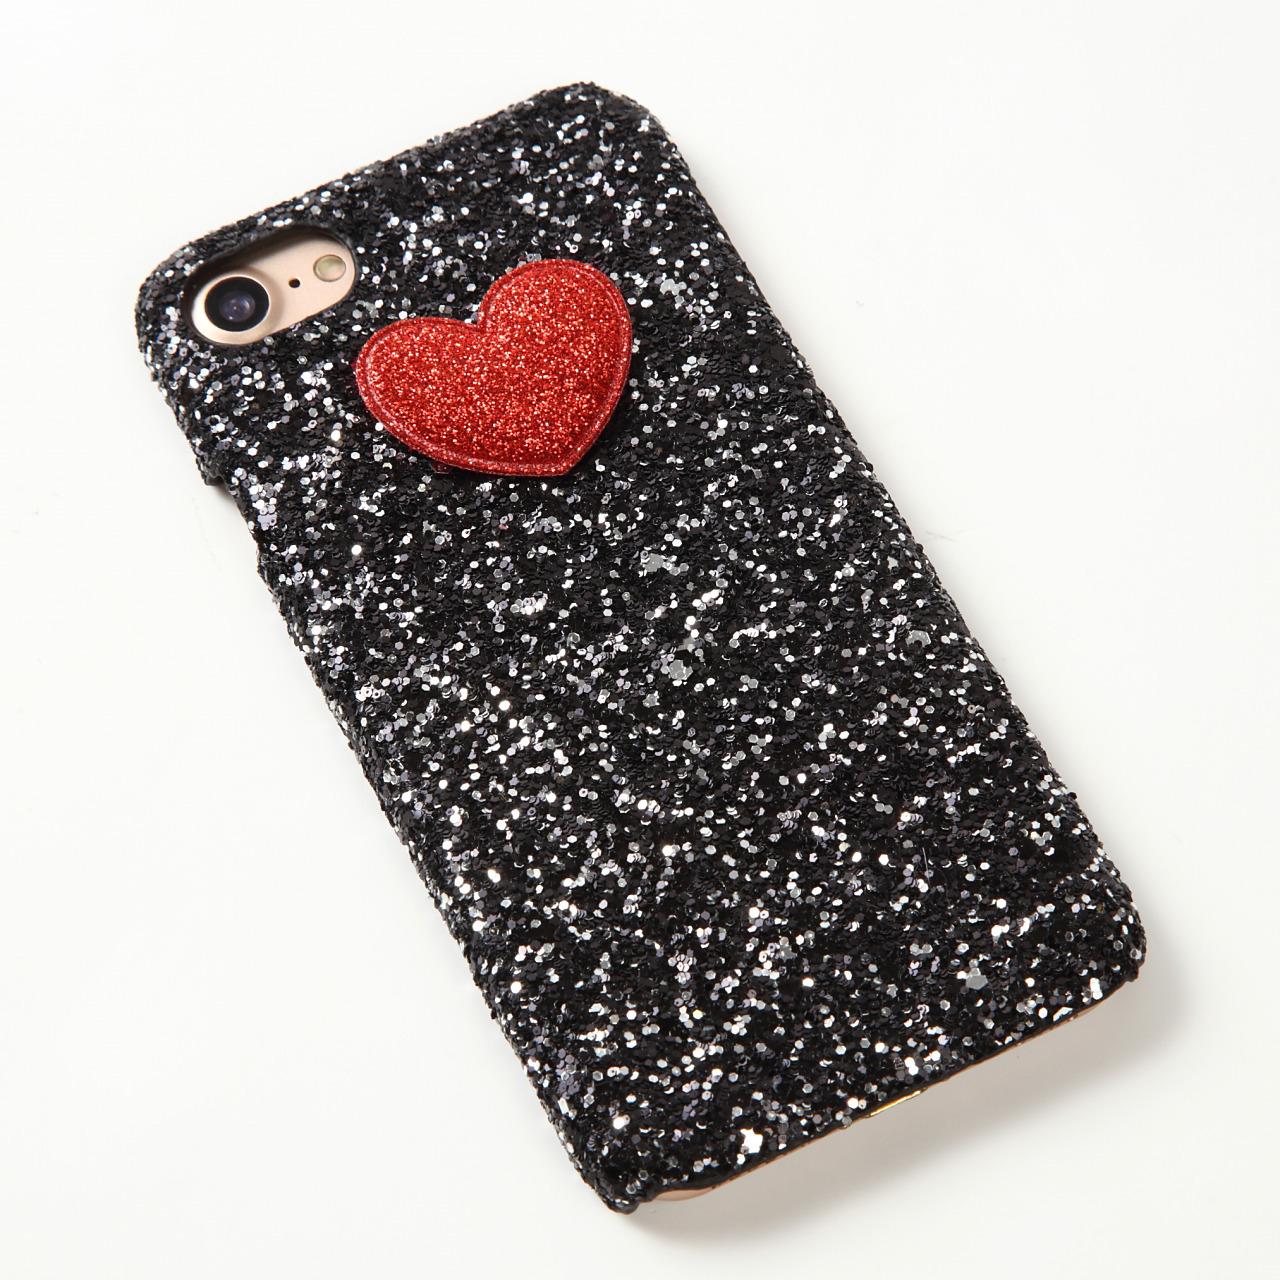 【即納★送料無料】ブラックグリッターケースにかわいいハート付iPhoneケース